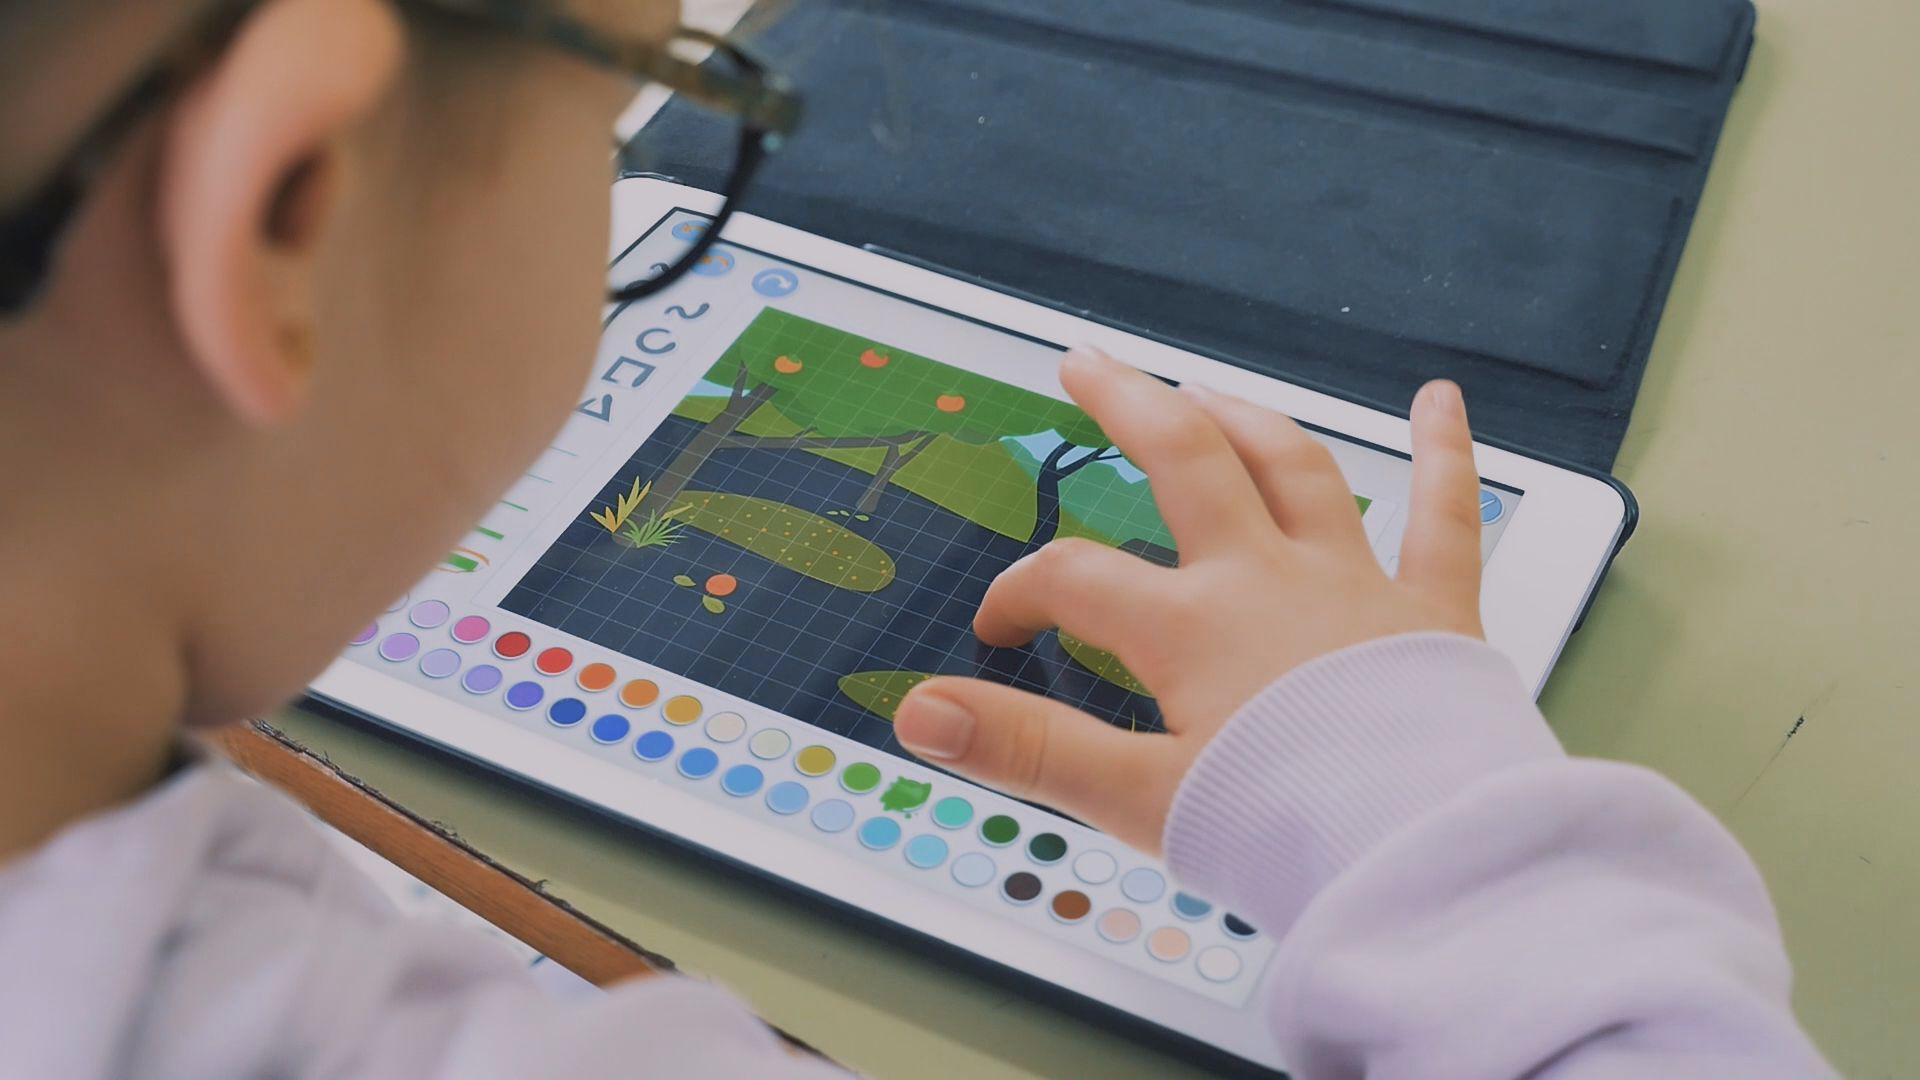 Los alumnos más pequeños ya utilizan las tablets en el aula